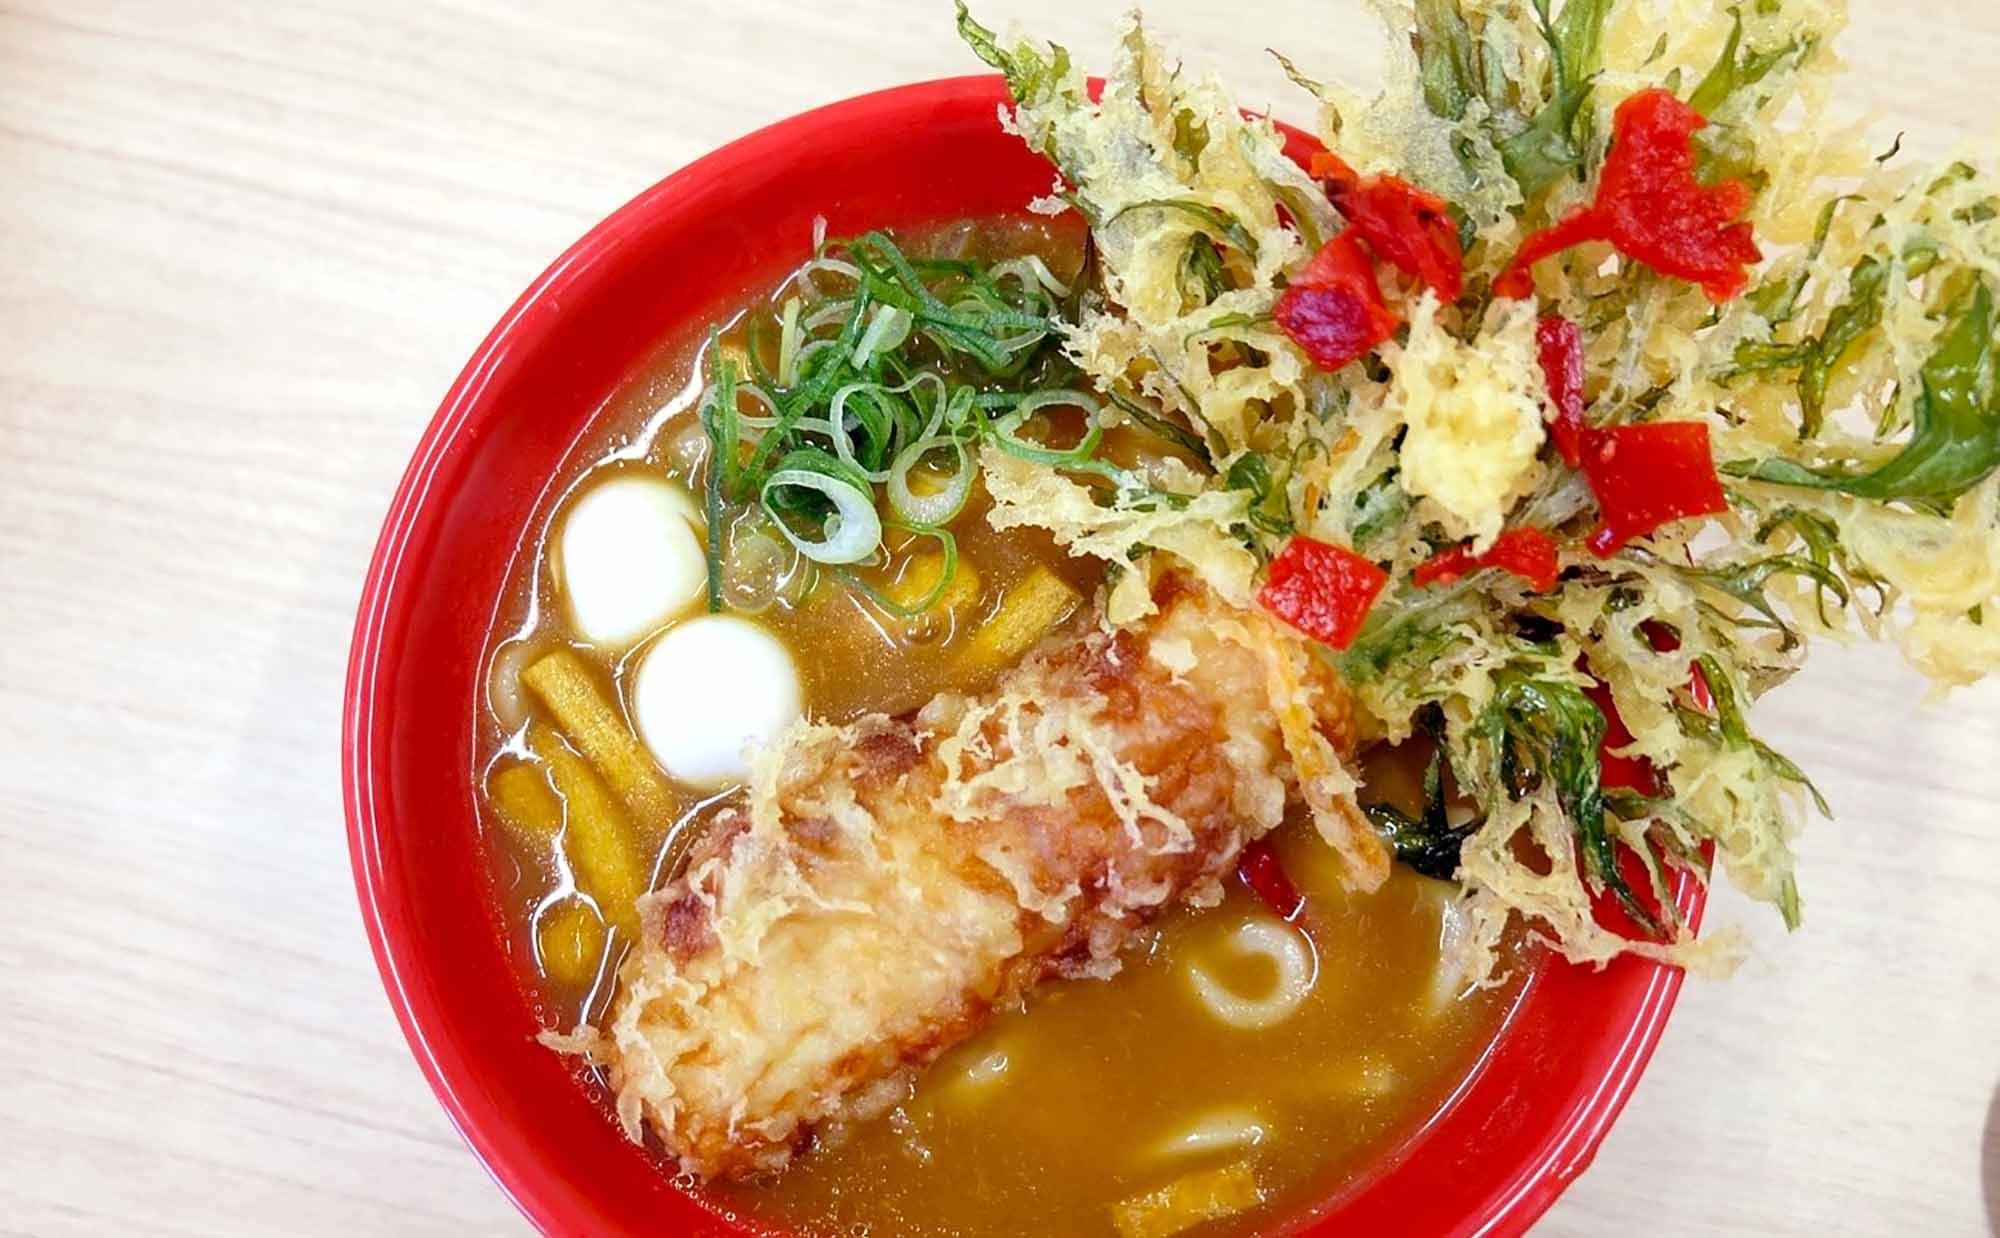 ご当地グルメが魅力! 豊橋市で郷土料理と新名物を楽しむ暮らし